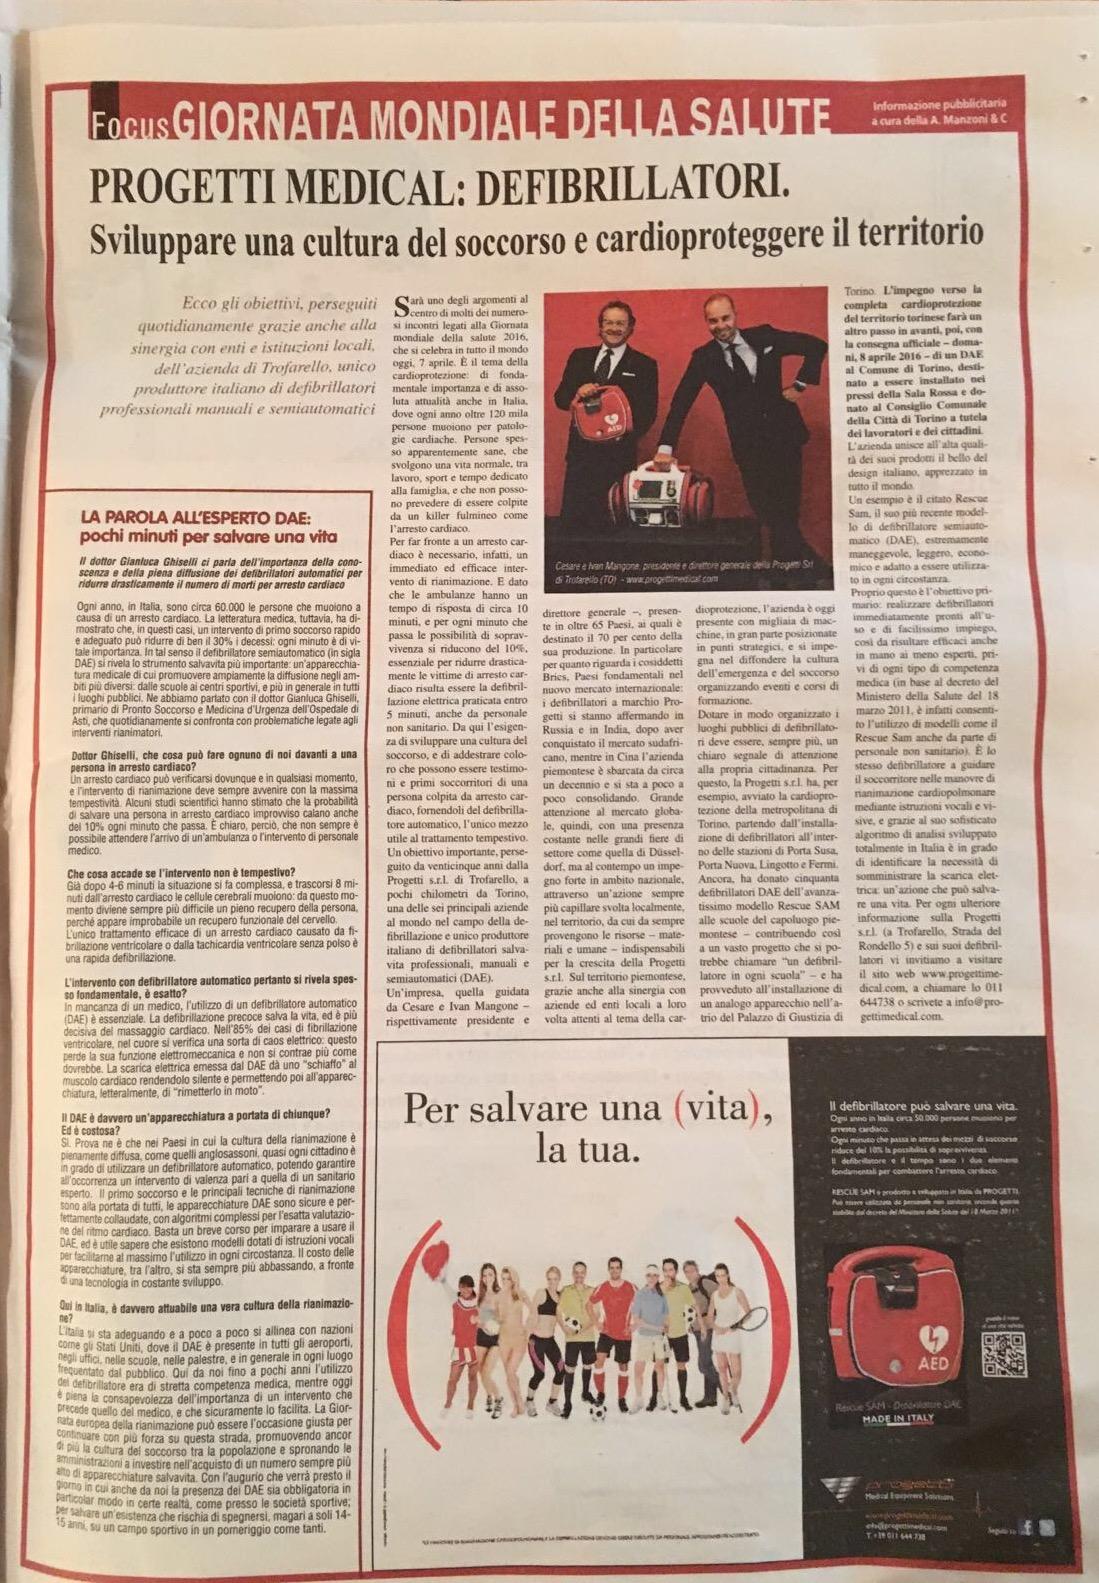 Repubblica_focus salute_042016